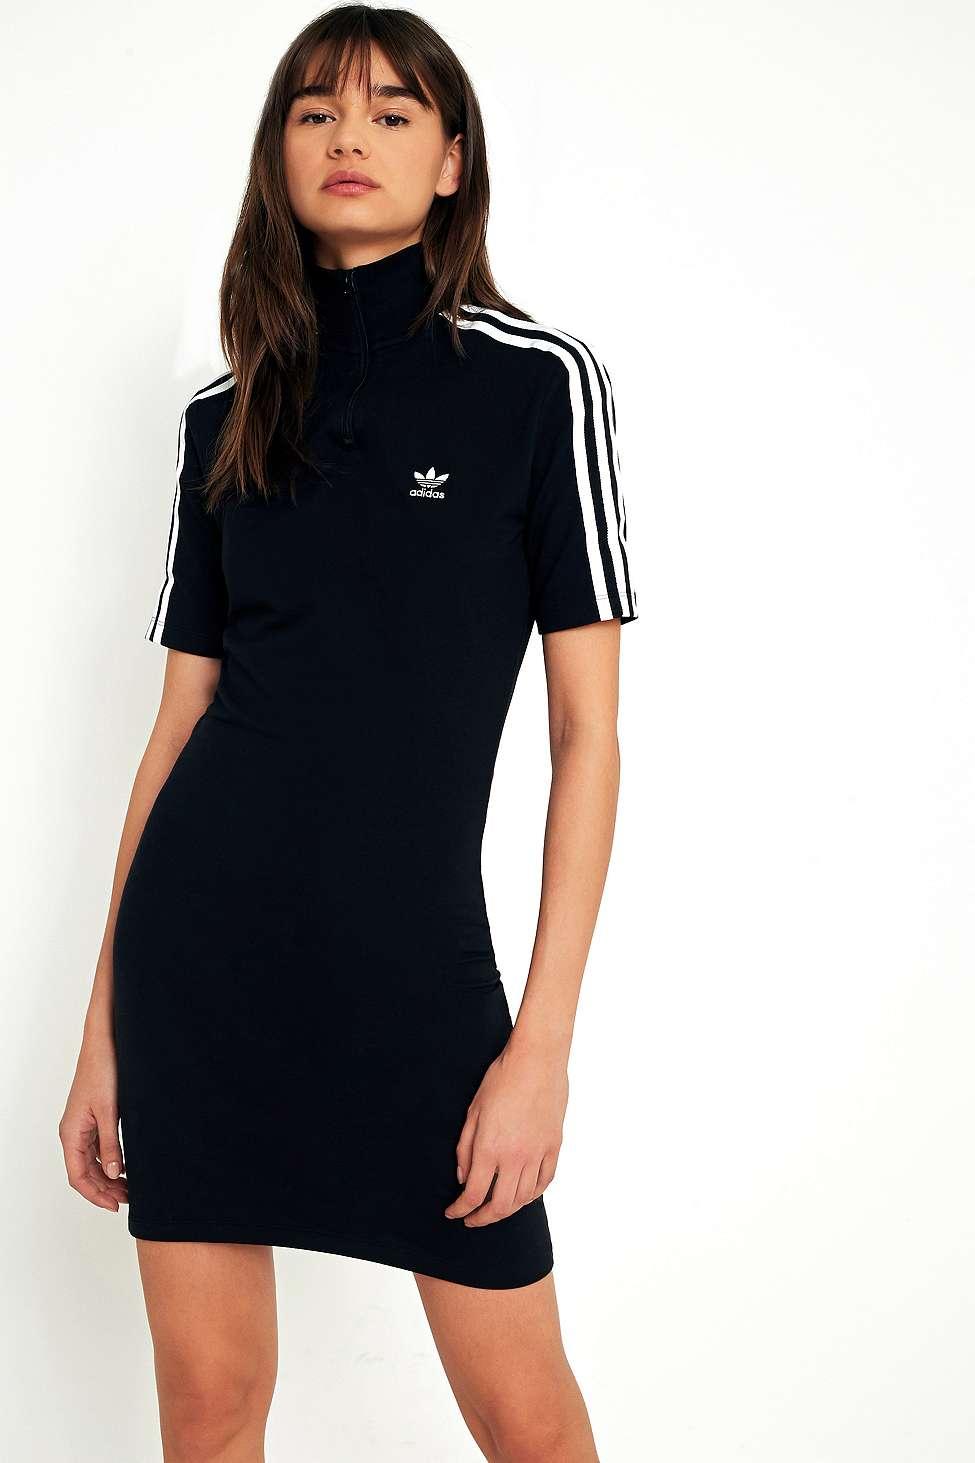 Adidas originali 3 righe in giro vestito metà zip collo urban outfitters